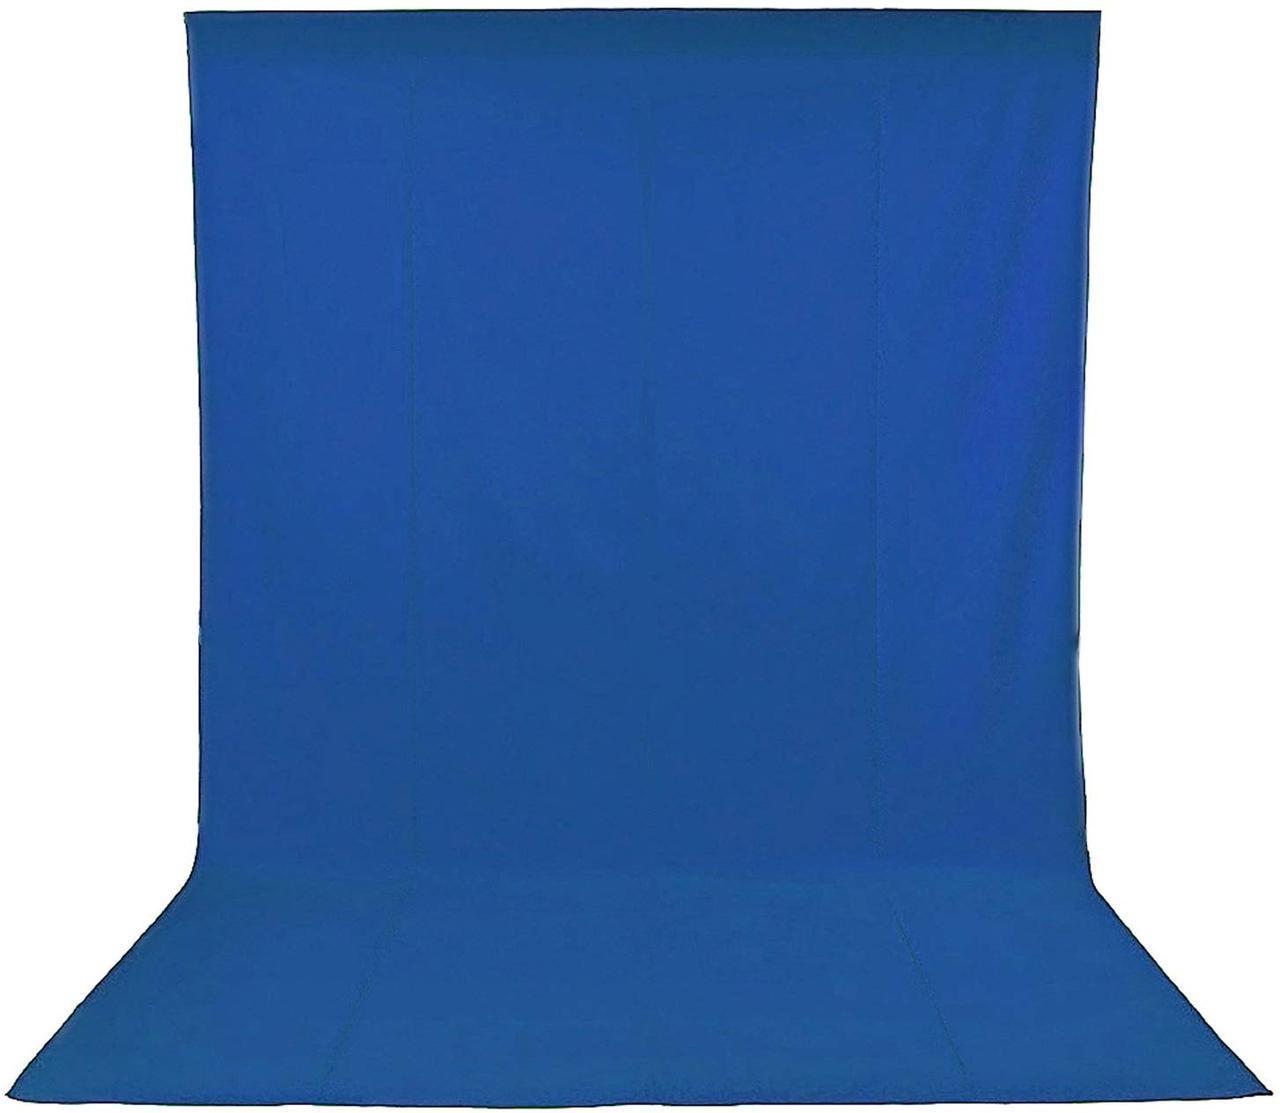 1,8х2,7м Фон студийный тканевый Visico PBM-1827  blue Chroma Key синий хромакей